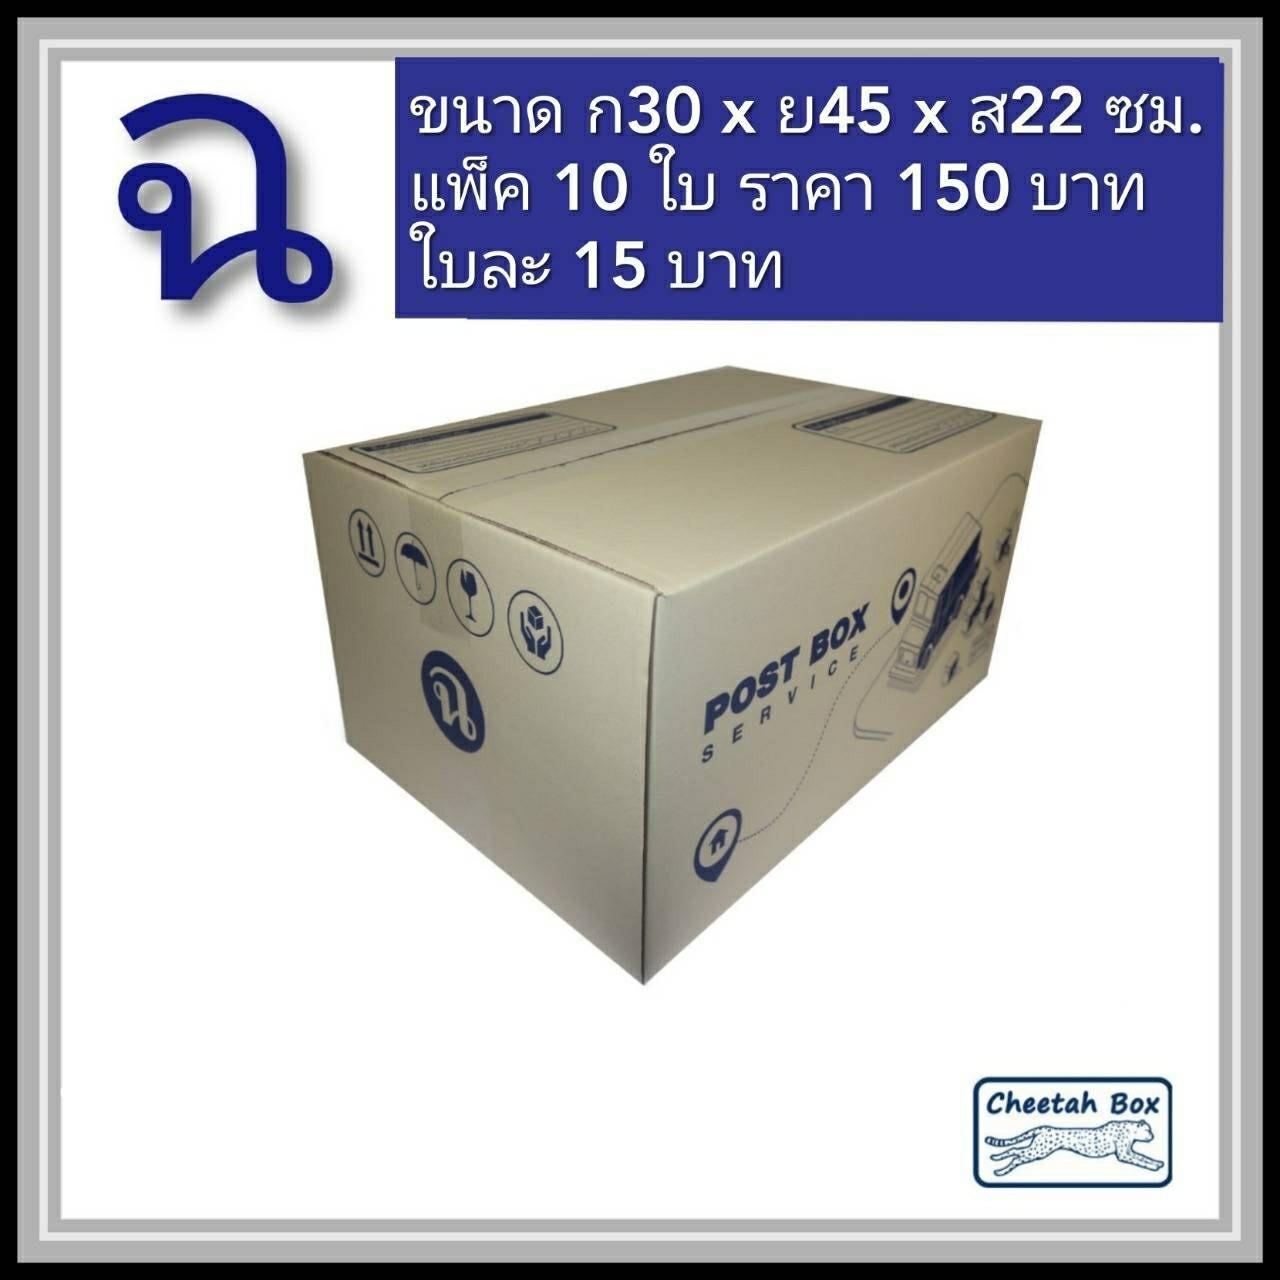 กล่องไปรษณีย์ ฉ (Cheetah Box ขนาด 30*45*22 CM)